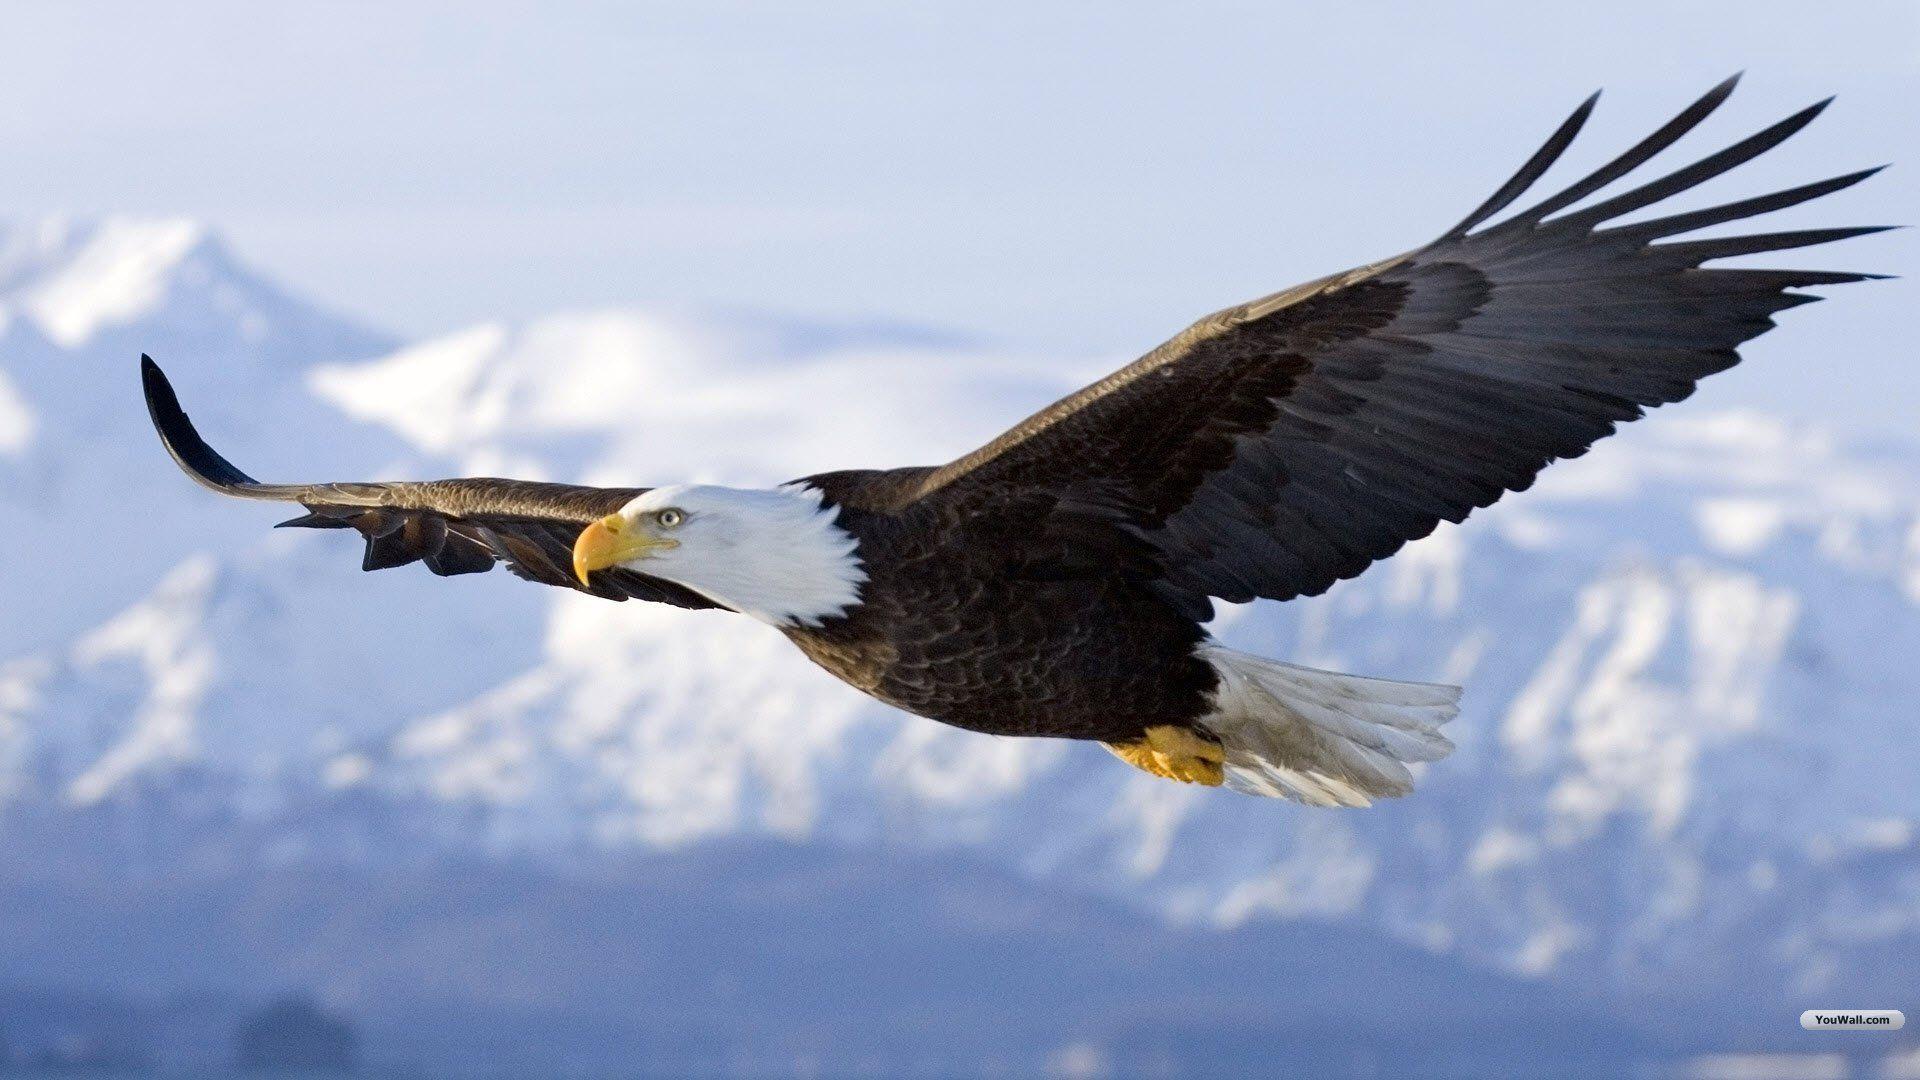 Pin by Solveig Lken on bilder og ideer Eagle pictures Birds 1920x1080